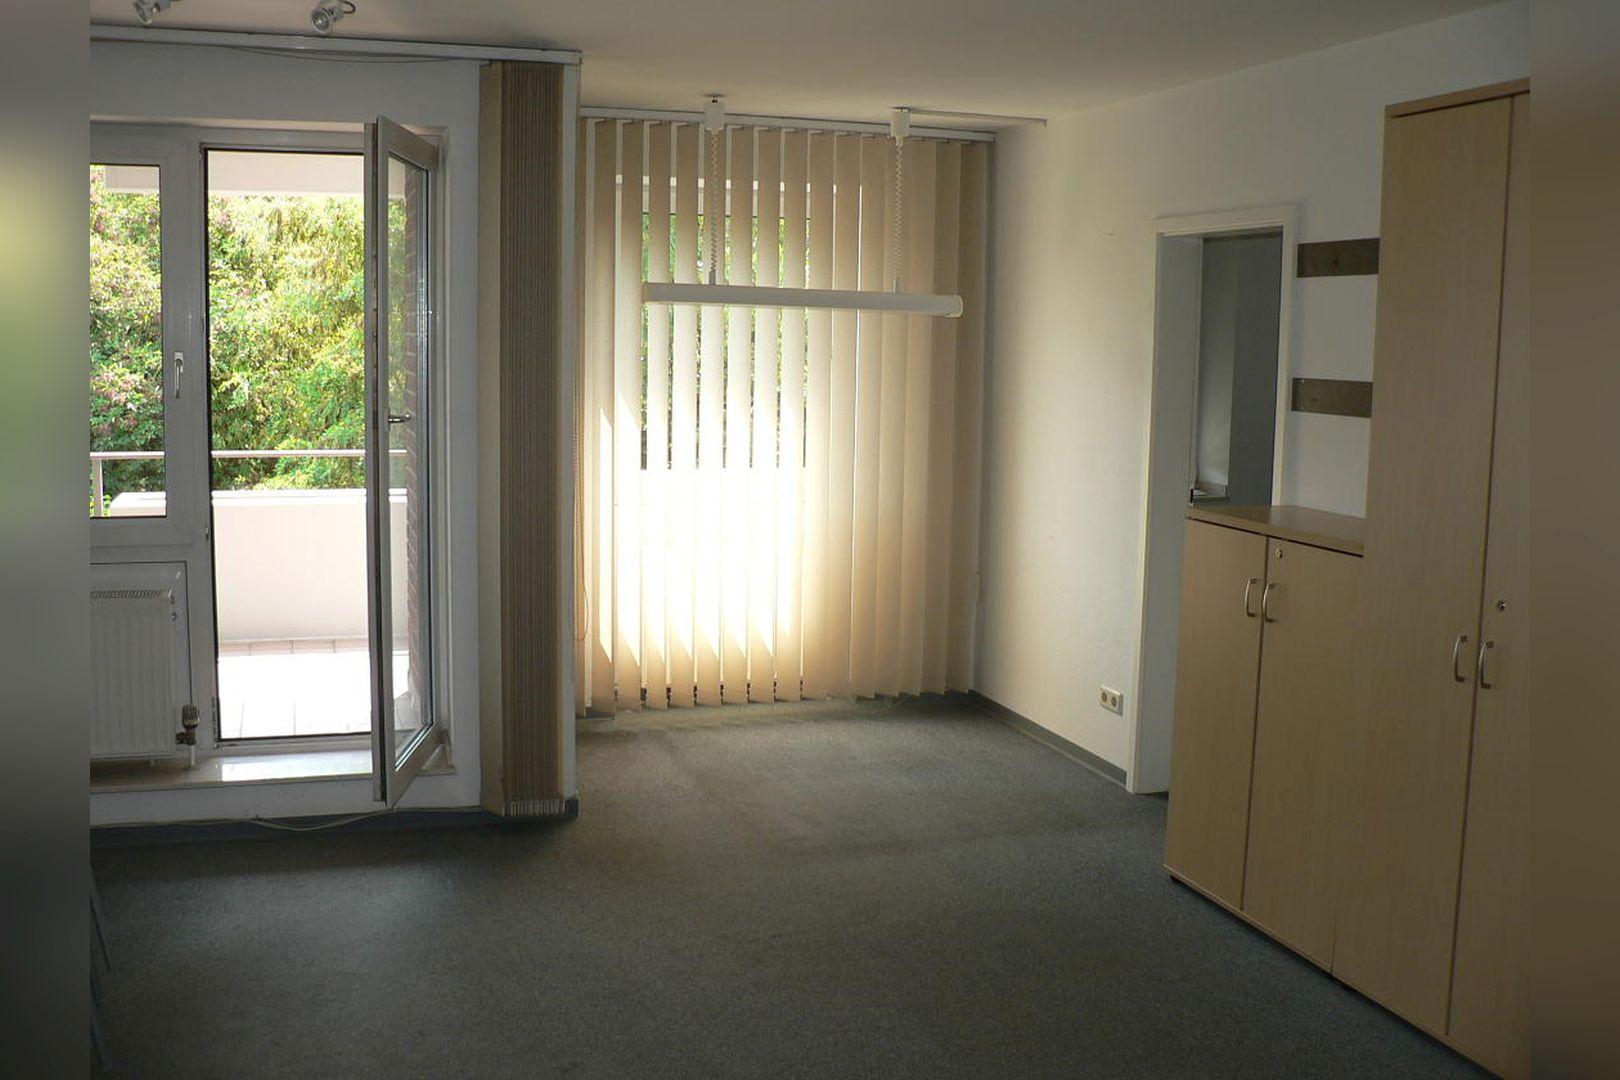 Immobilie Nr.0234 - 1 - Raum - Bürofläche mit Aktenkeller und Balkon - Bild 10.jpg